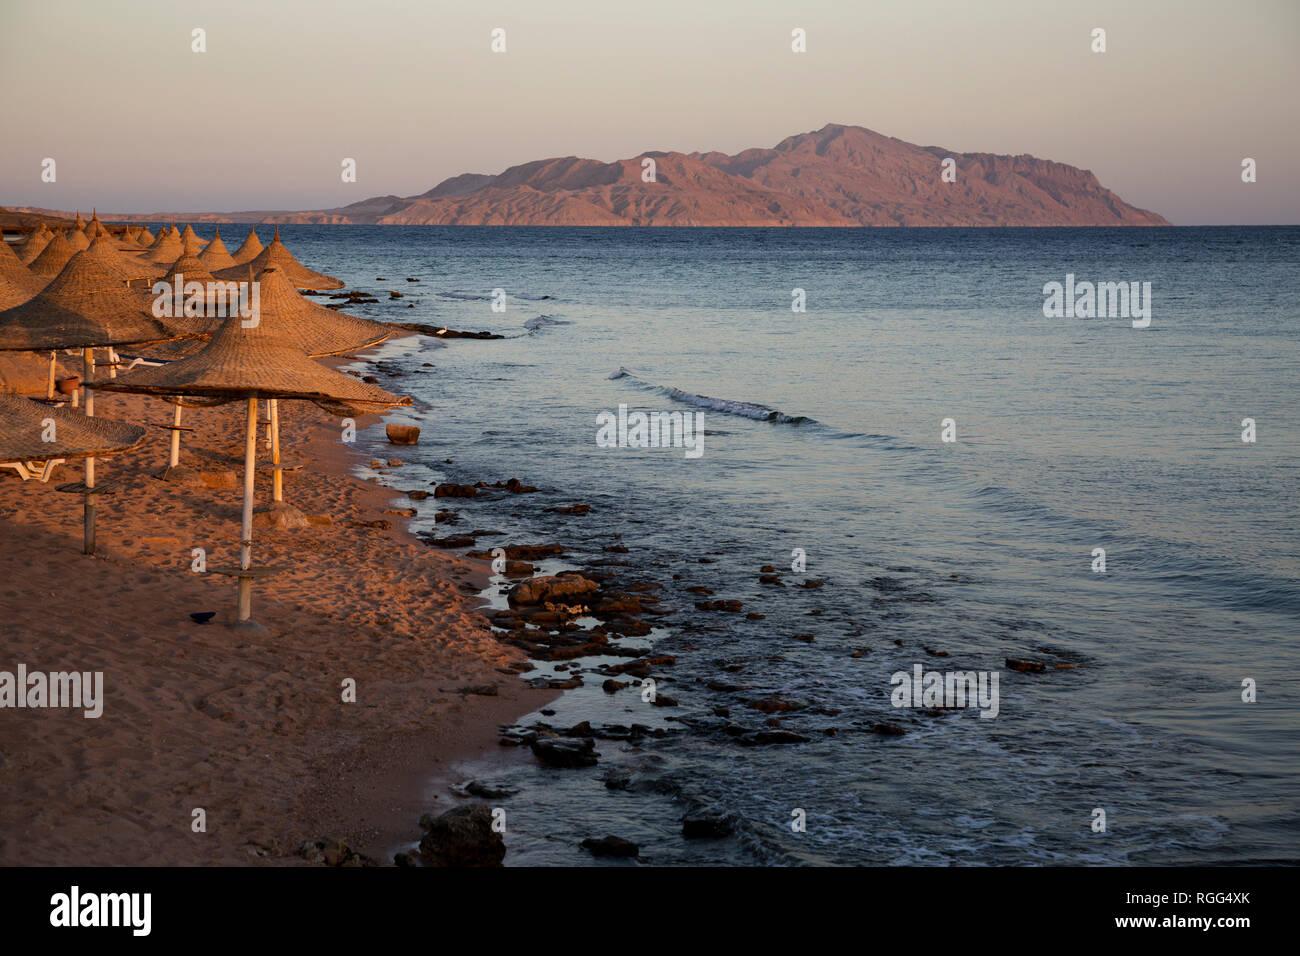 Blick auf die Insel Tiran und das Rote Meer. Ägypten. Stockbild